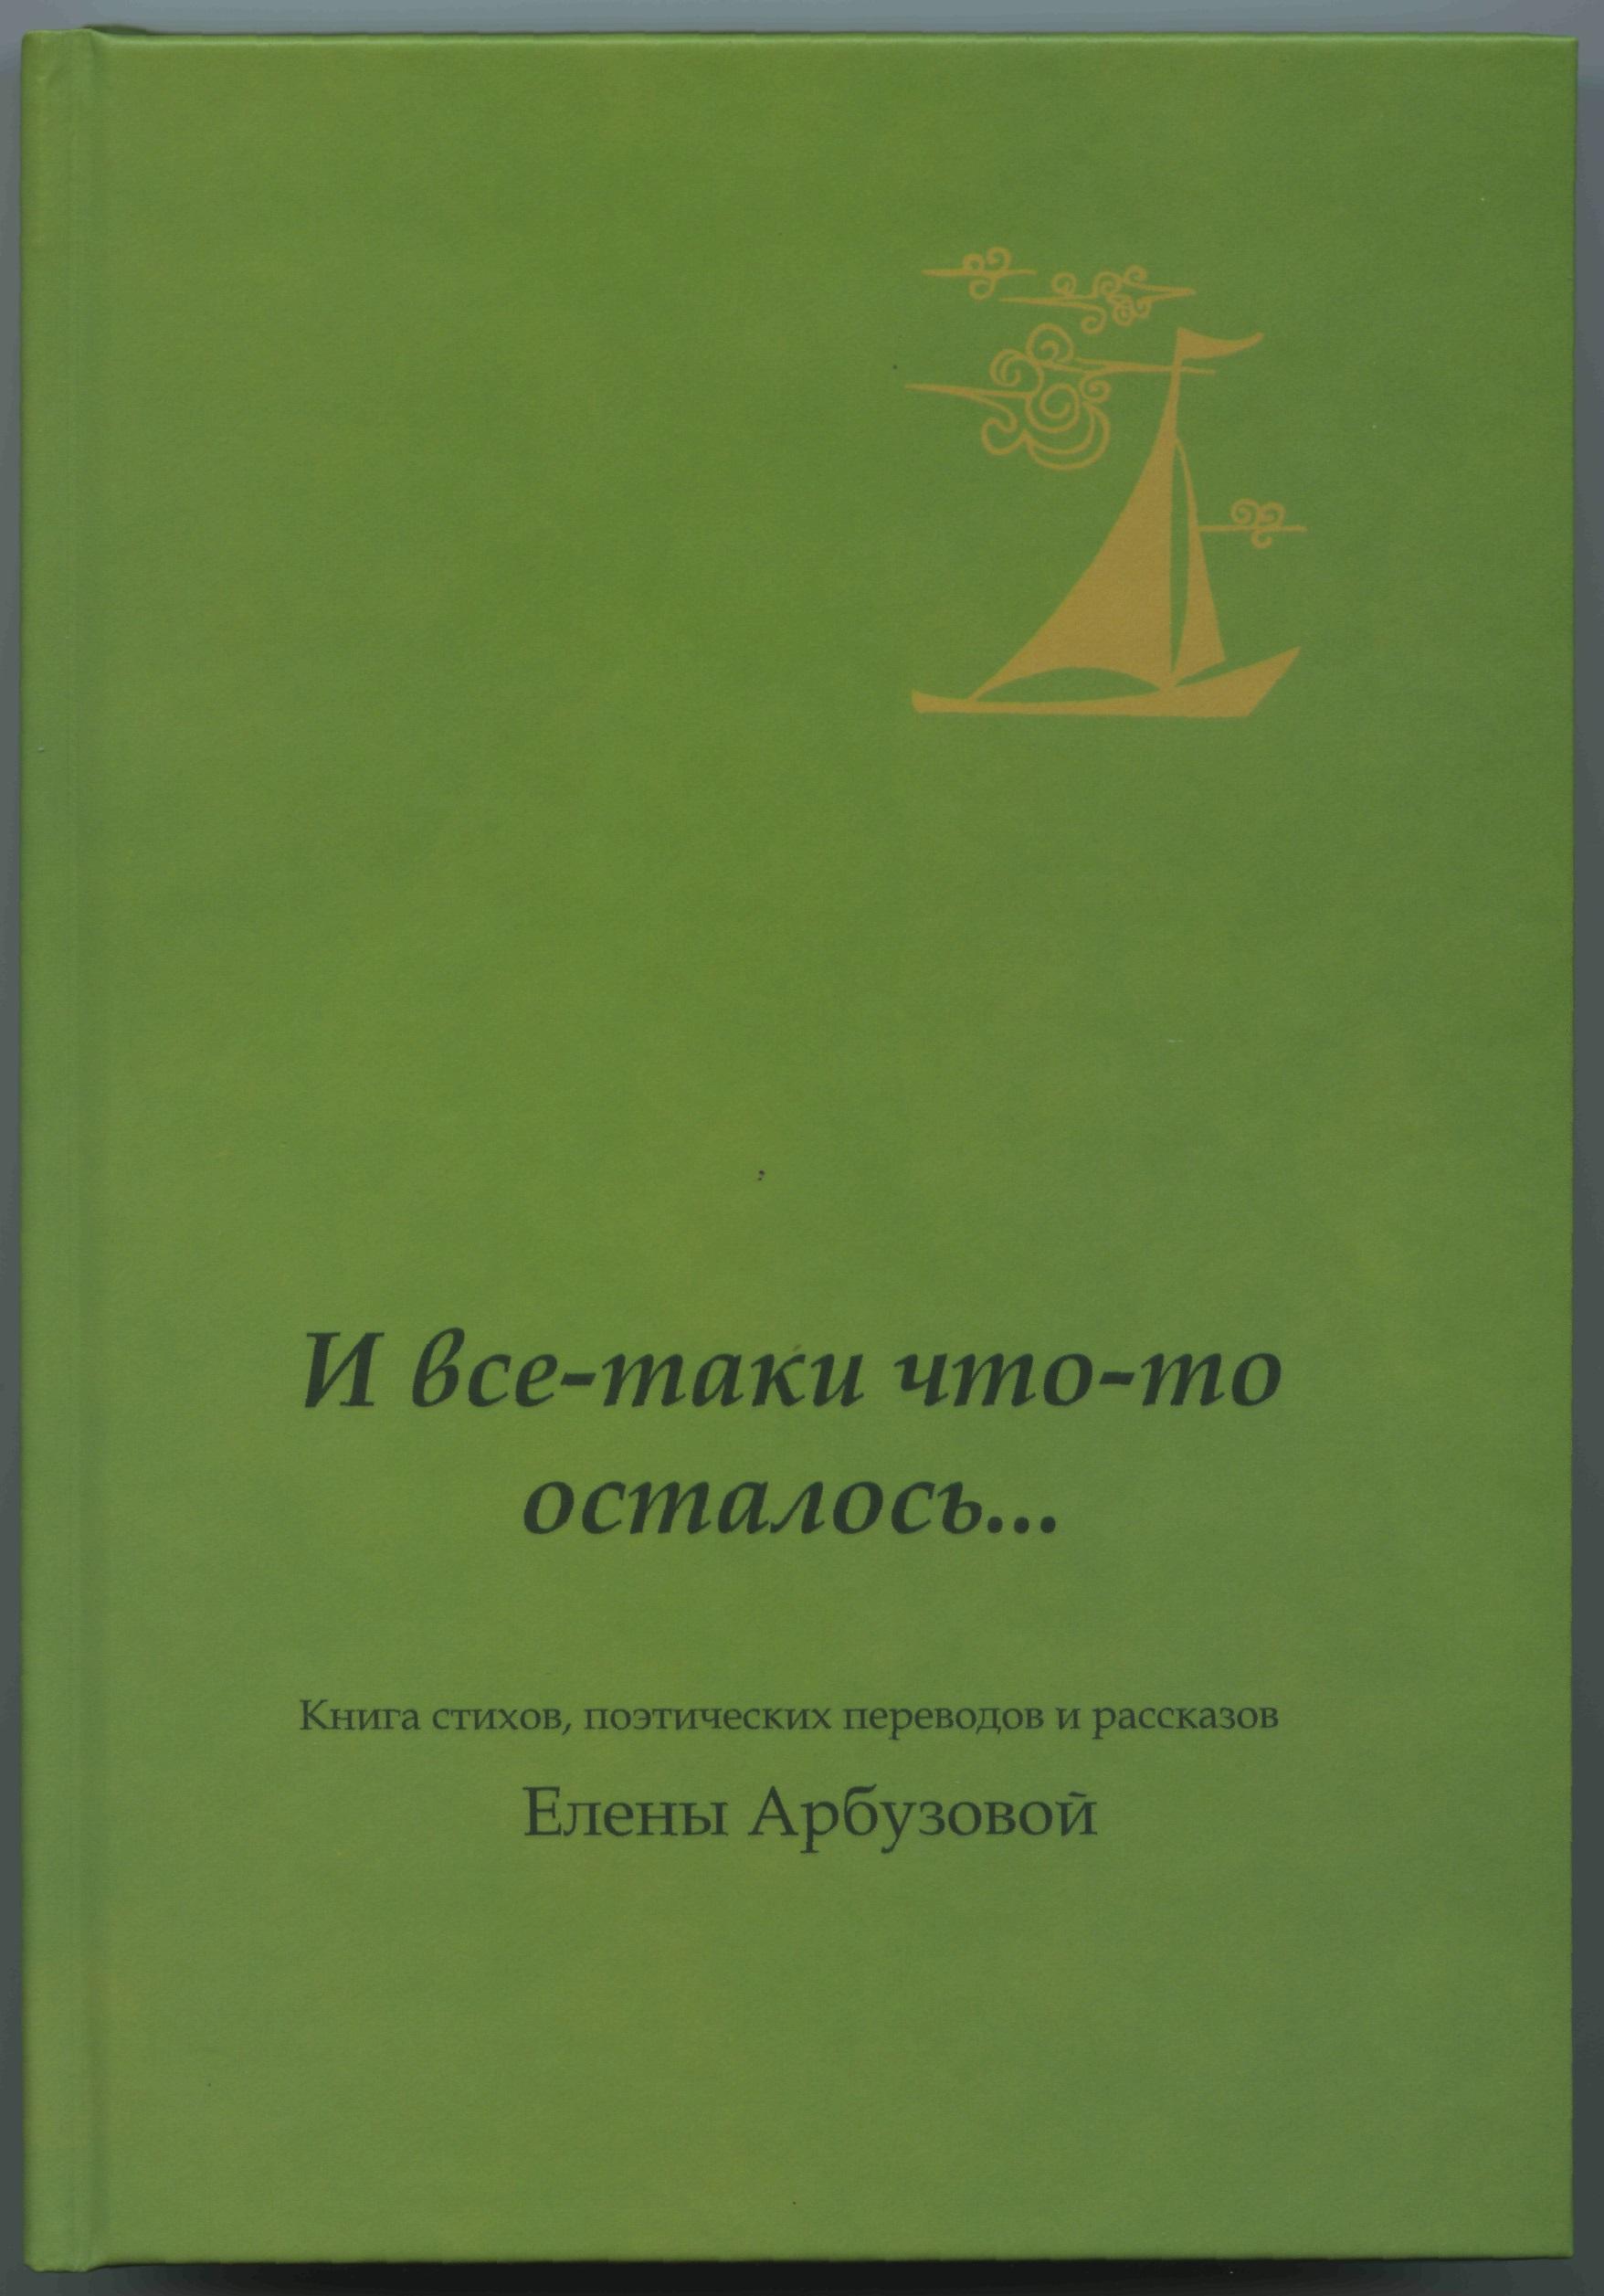 arbuzova.gramata